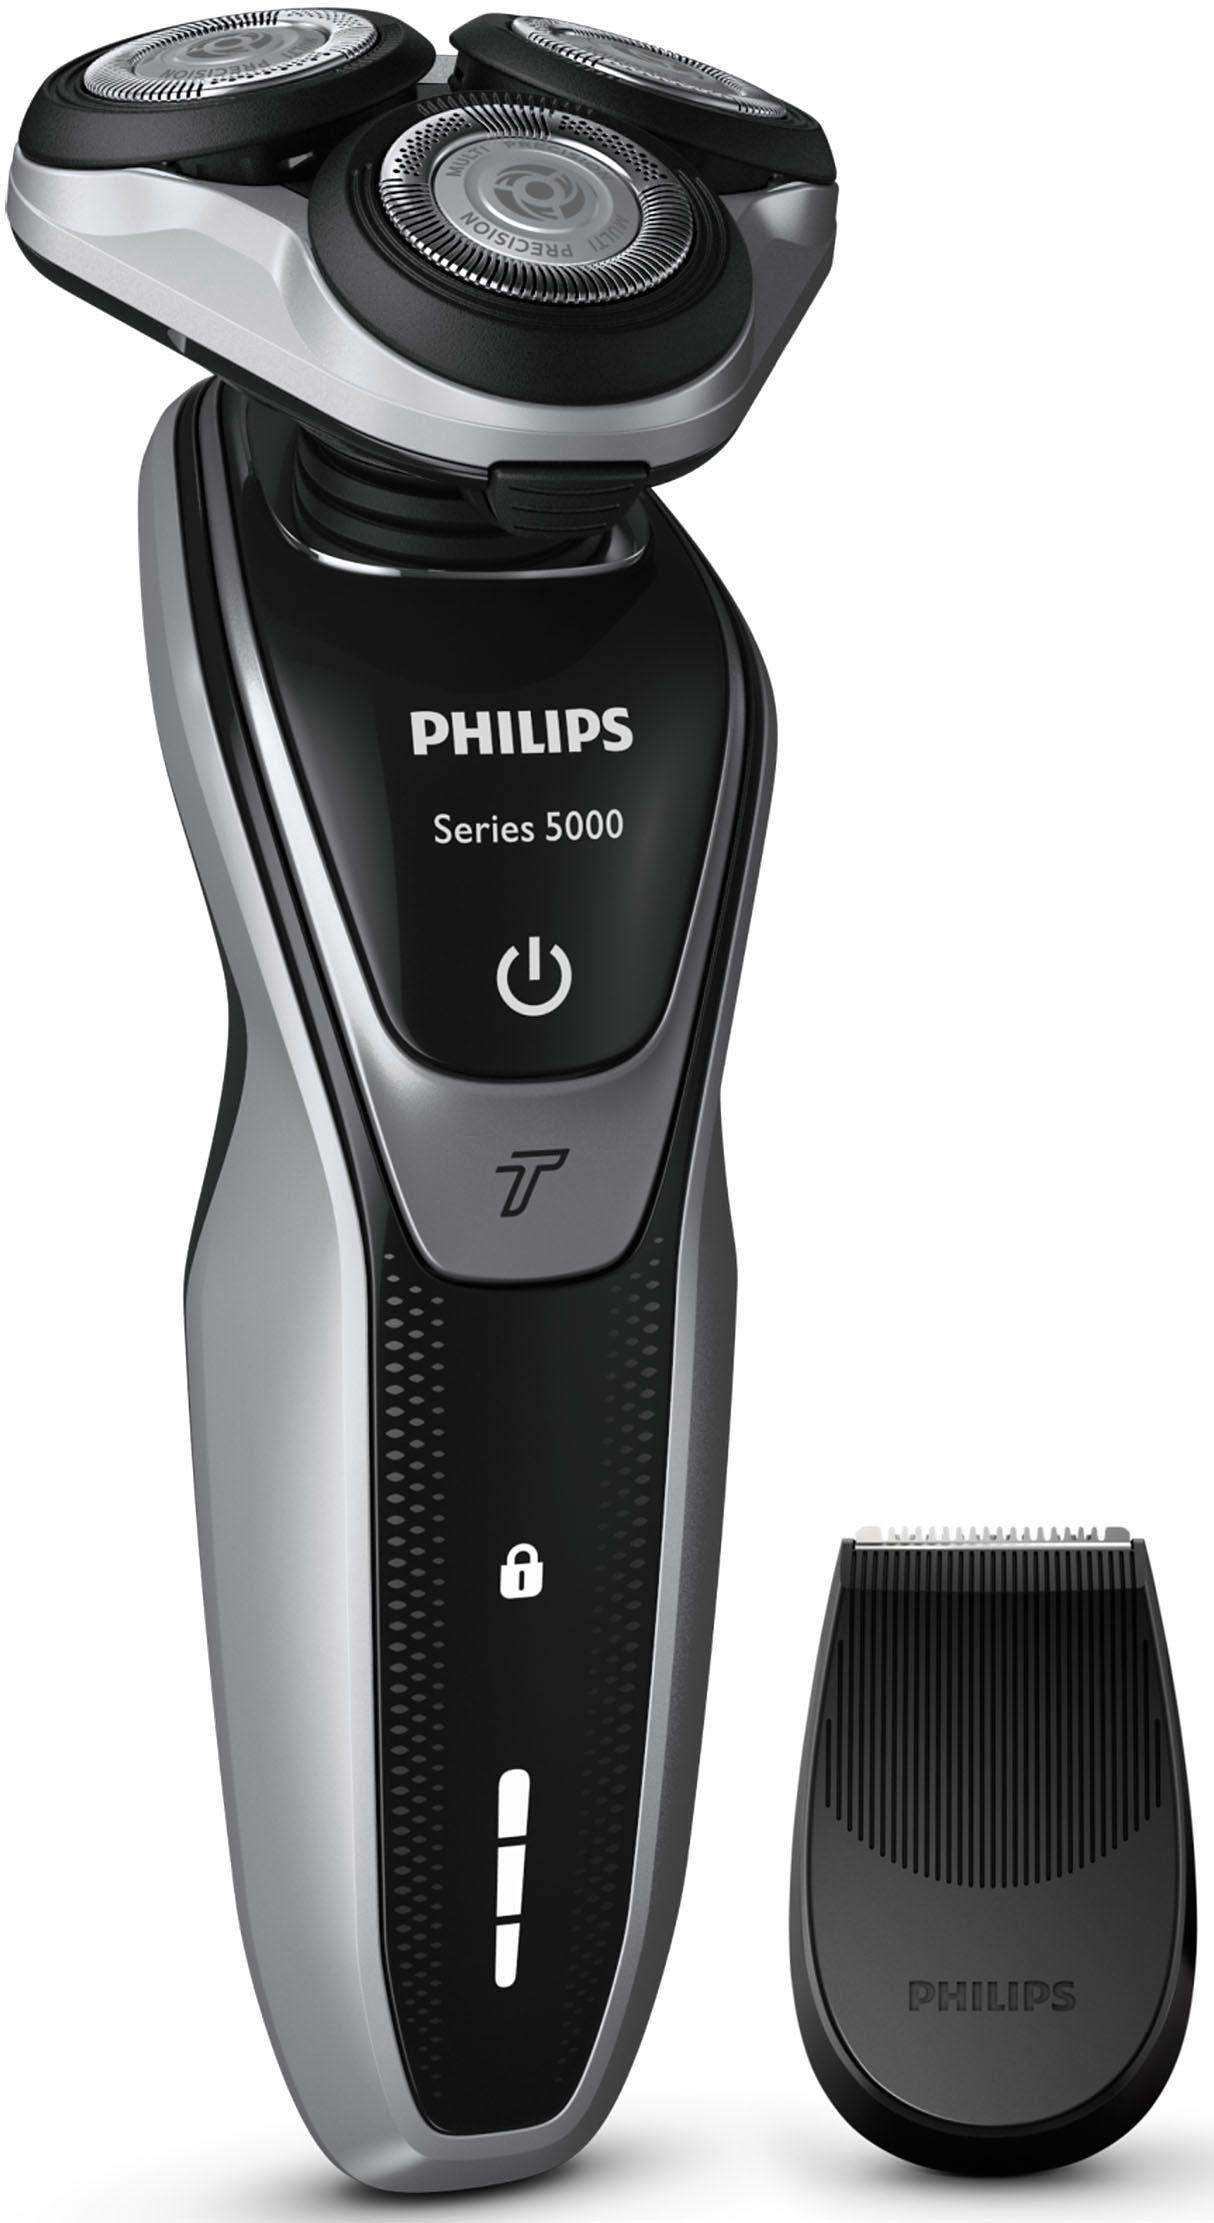 Philips Rasierer Series 5000 S5320/06, mit Turbo Modus und Präzisionstrimmer